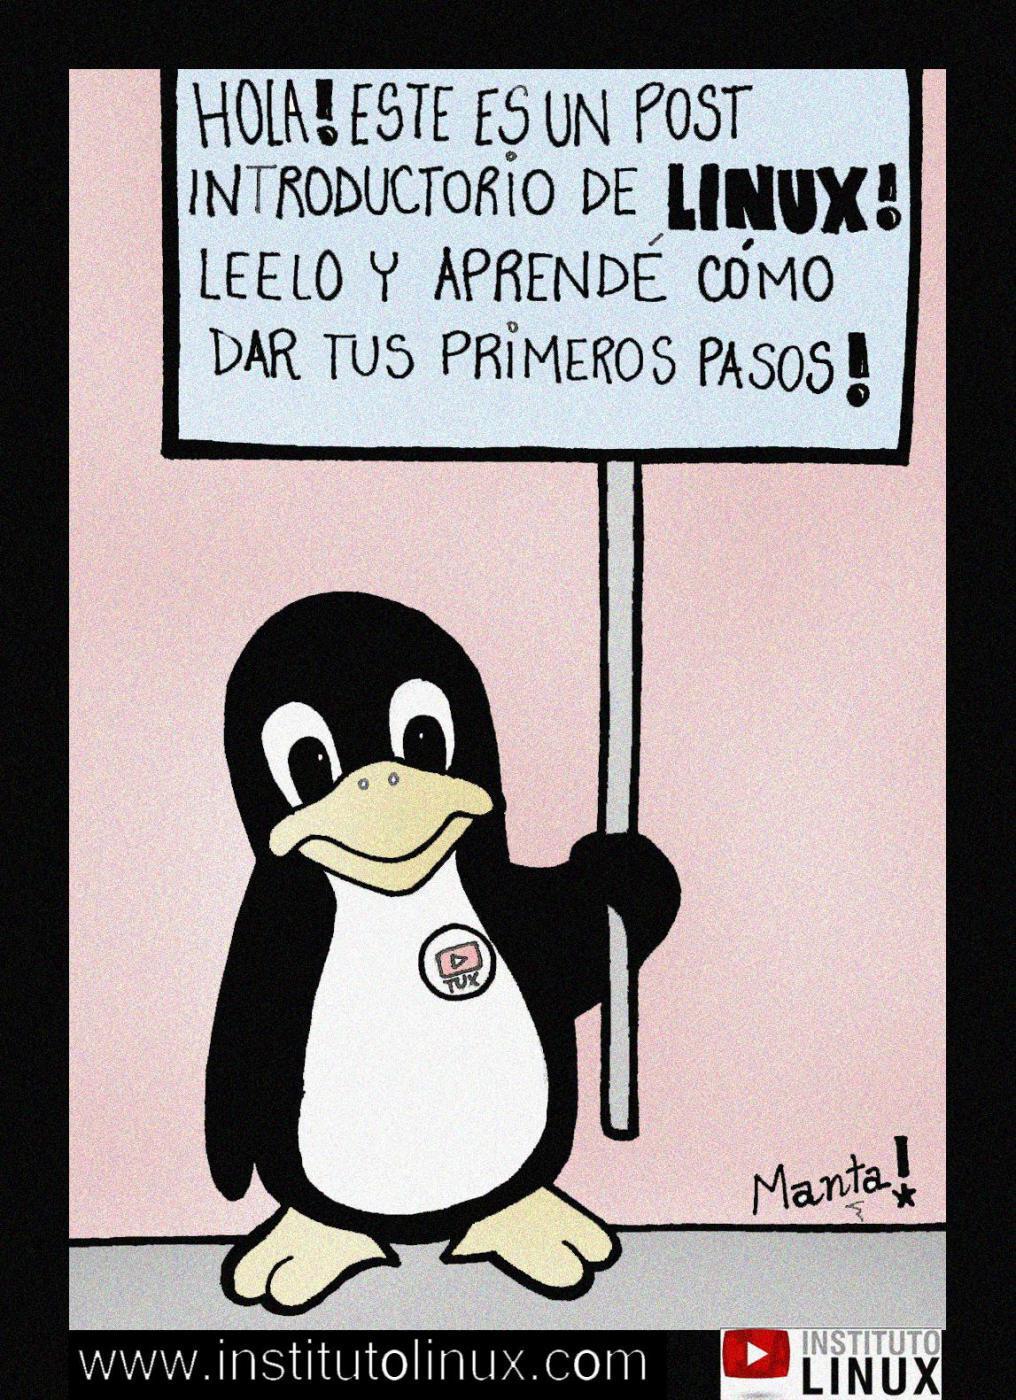 El camino del sysadmin Linux comienza en Carrera Linux Argentina